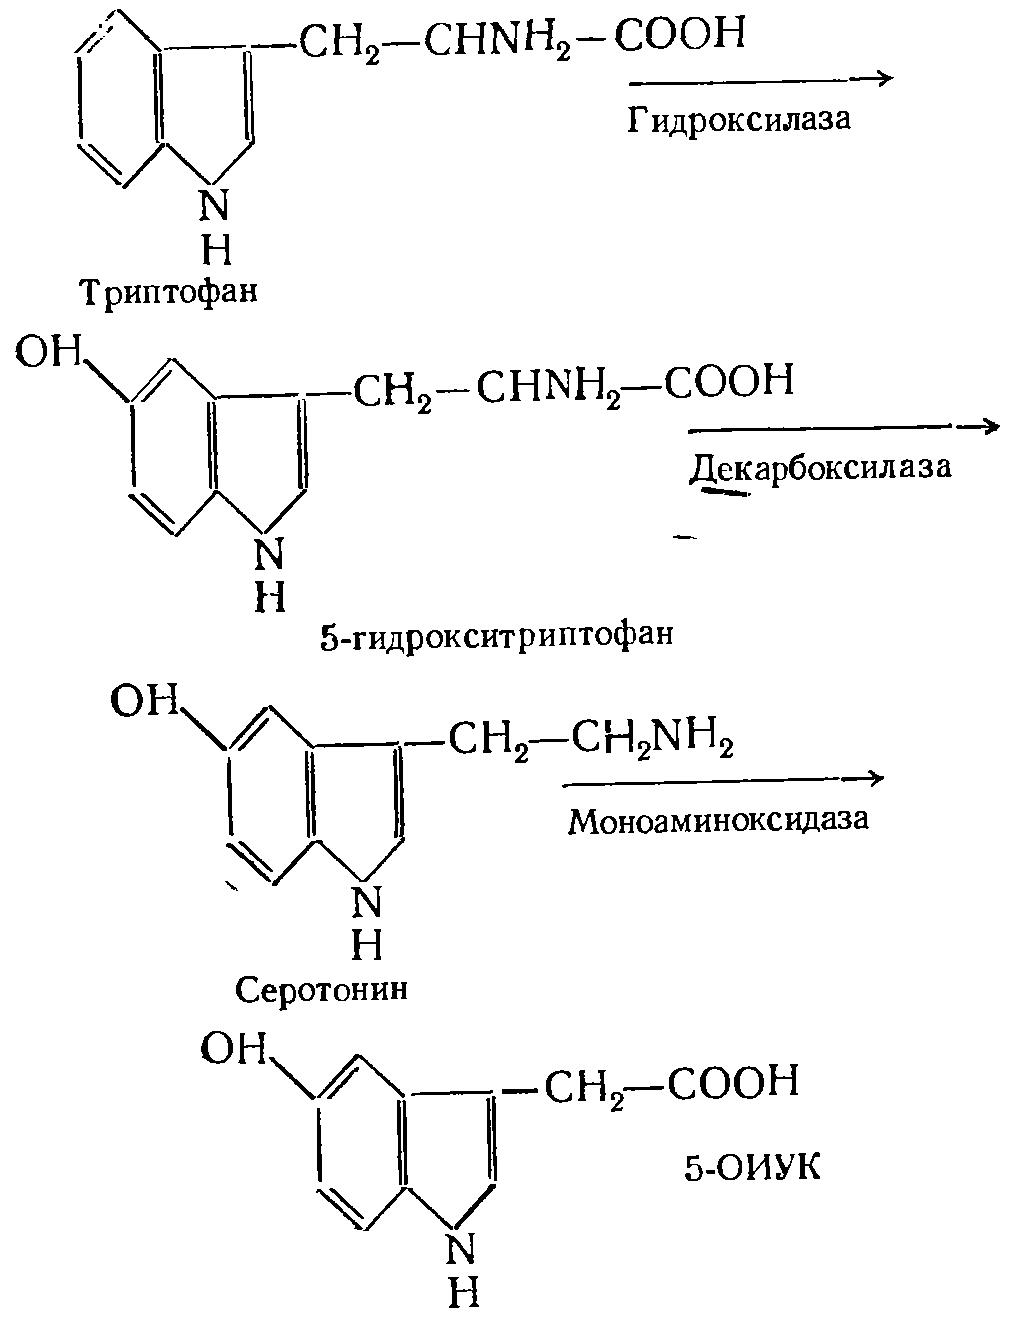 Моноамин оксидаза фото